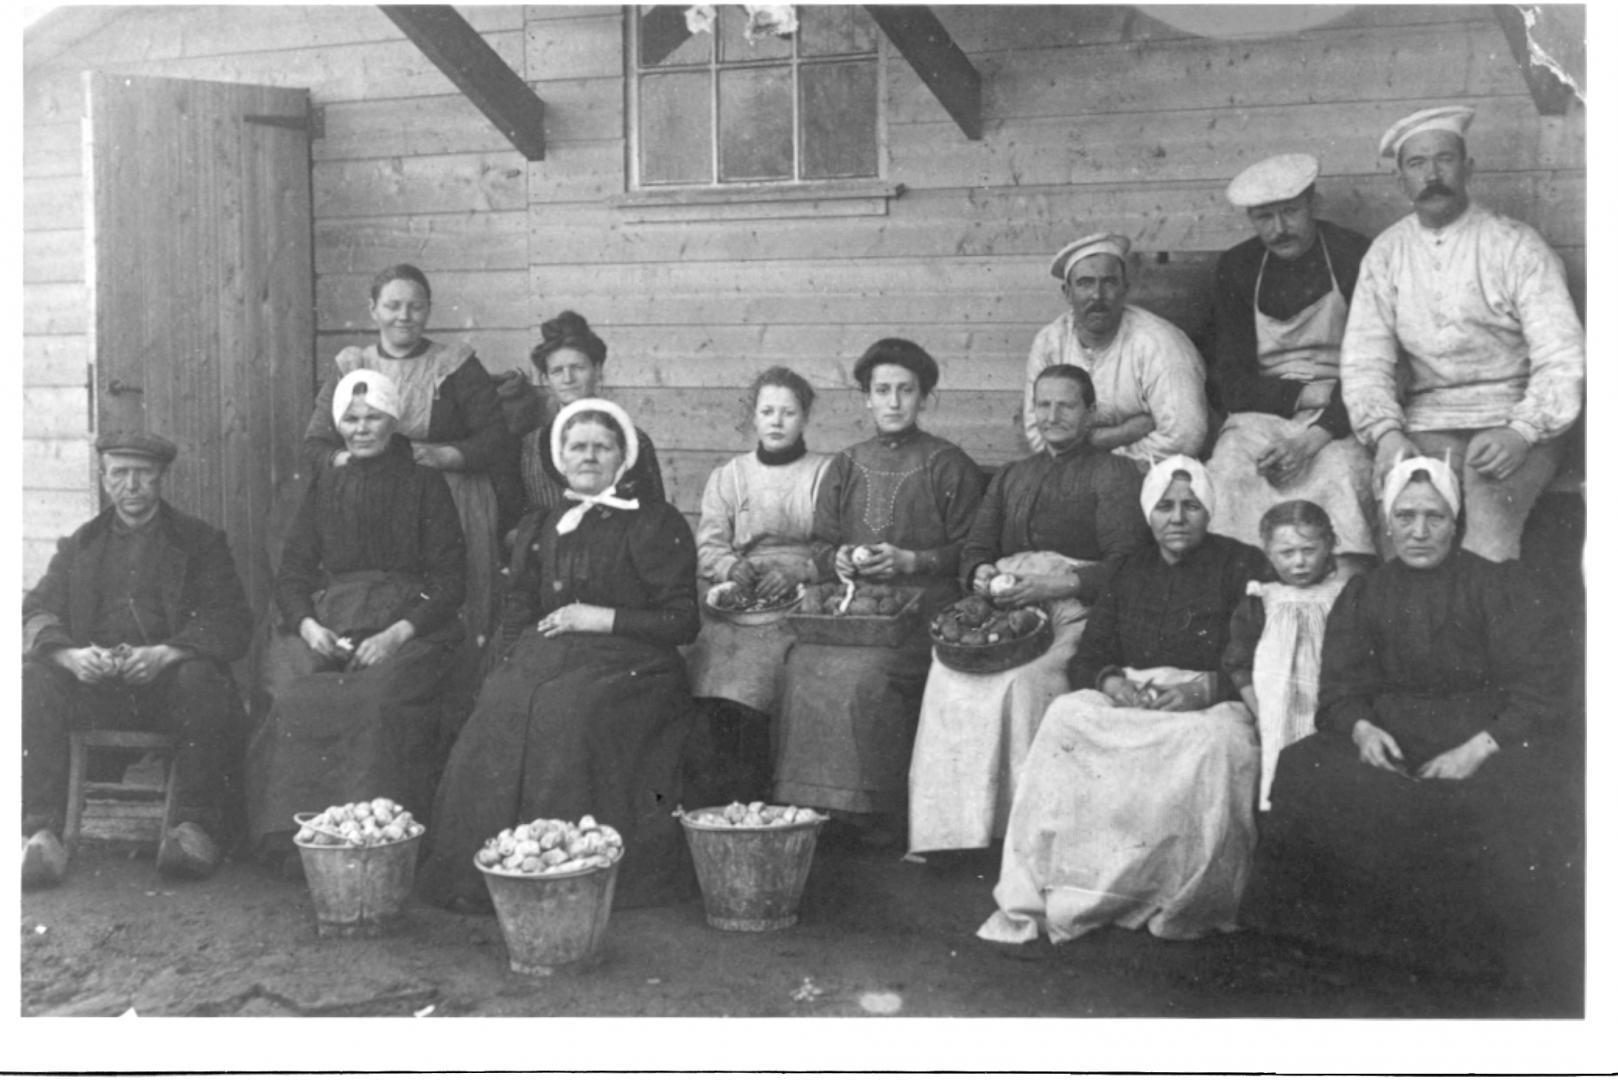 De aardappelschillers voor de militairen voor de barak op het Drilleveld in 1939. Zittend van links naar rechts Toon de Kruif, mw. van Leersum, mw. K Verbeek ( met rond muts), ??., mw. Van Ramele, Mie Ransdorp en mw. Rijdes. Het meisje is onbekend.